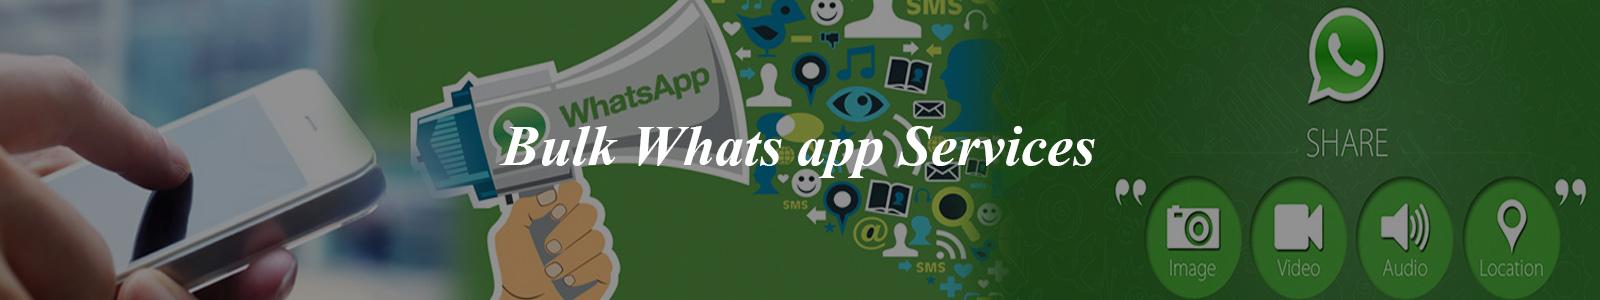 Bulk Whats app services